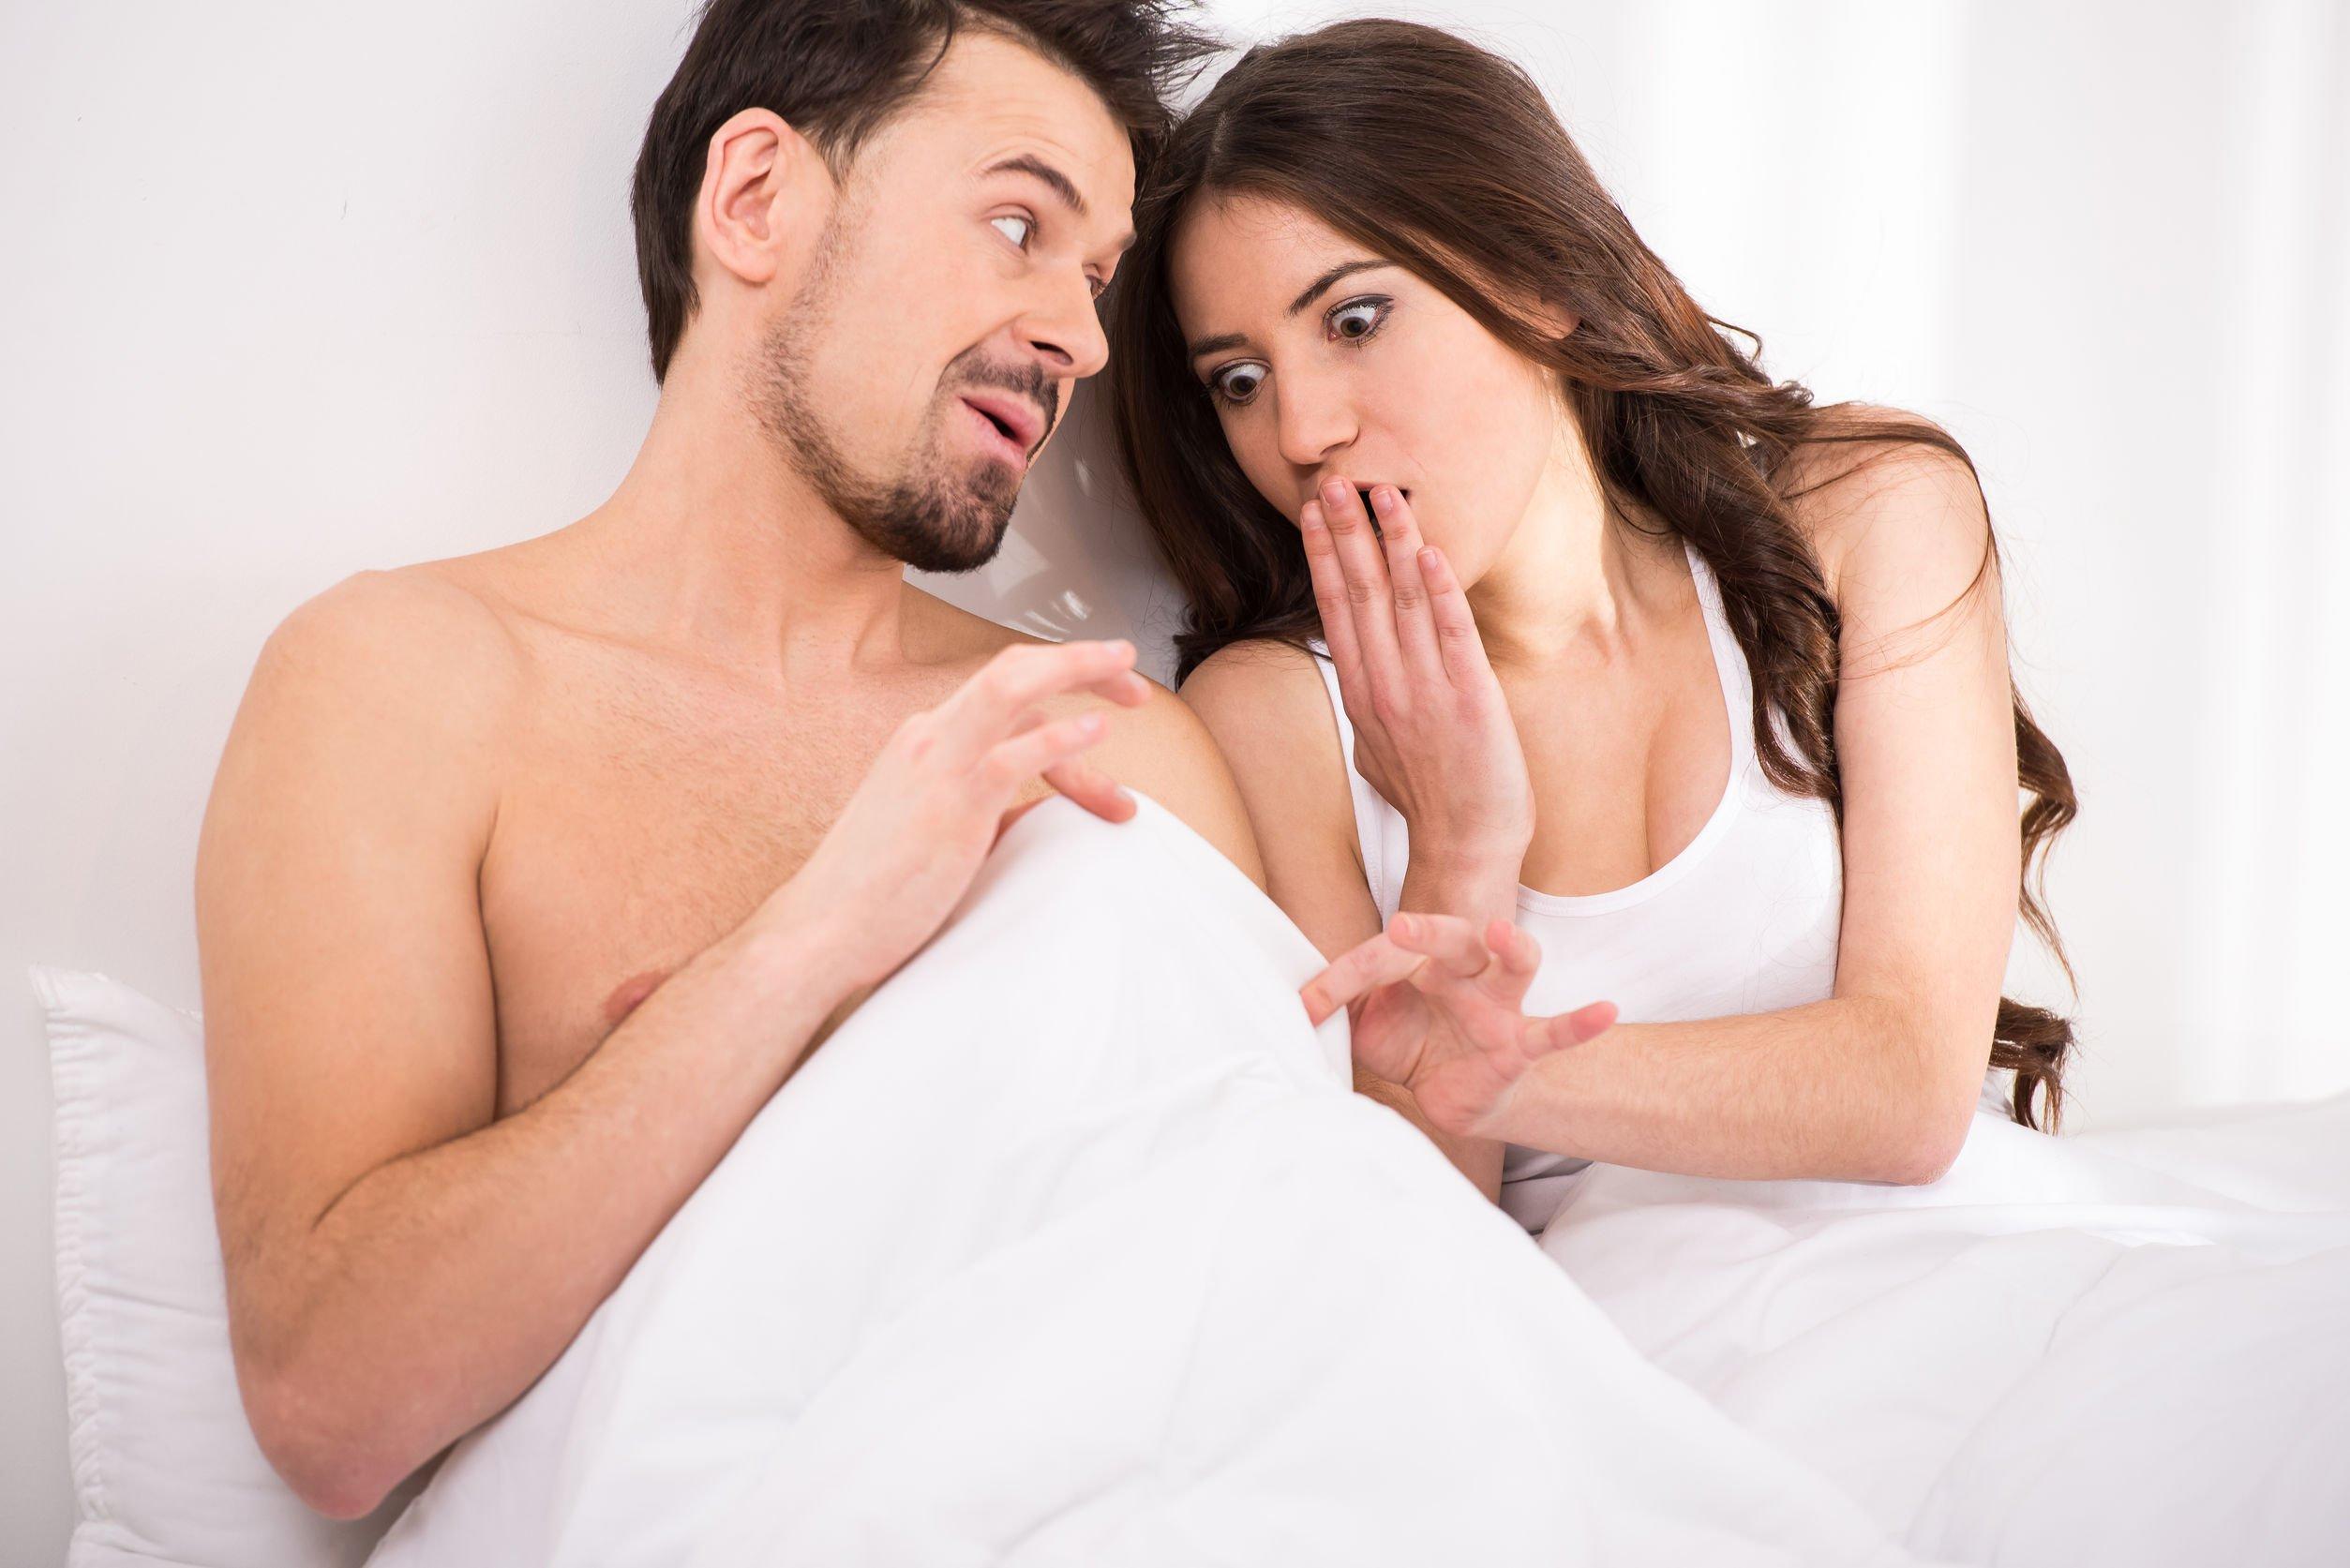 jak si ho vyhonit erotická videa pro ženy